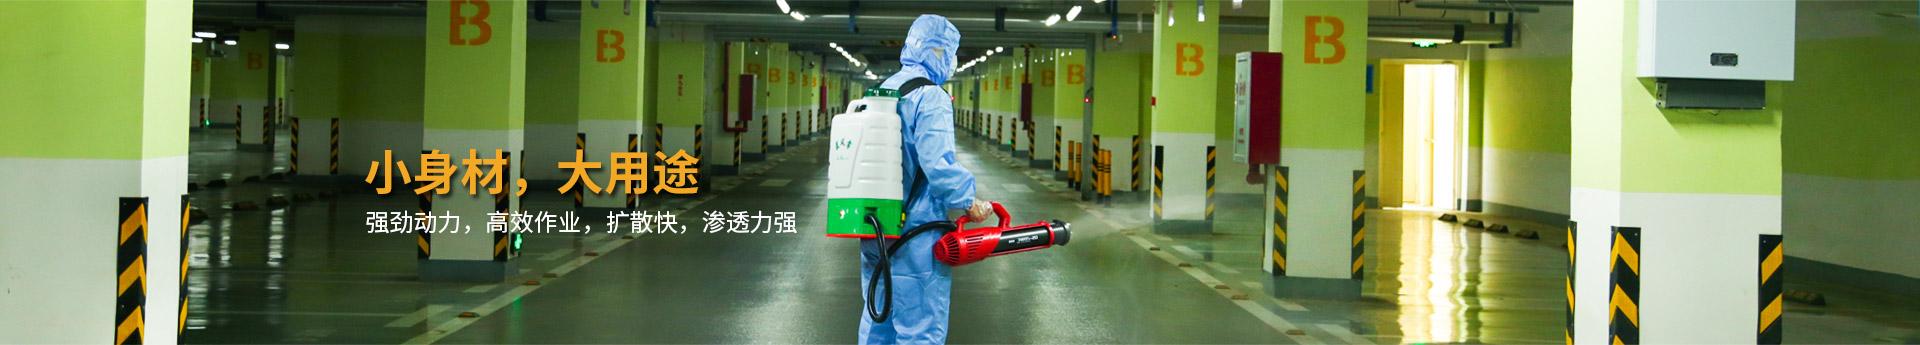 田帮手电动超低量喷雾器,小身材,大用途